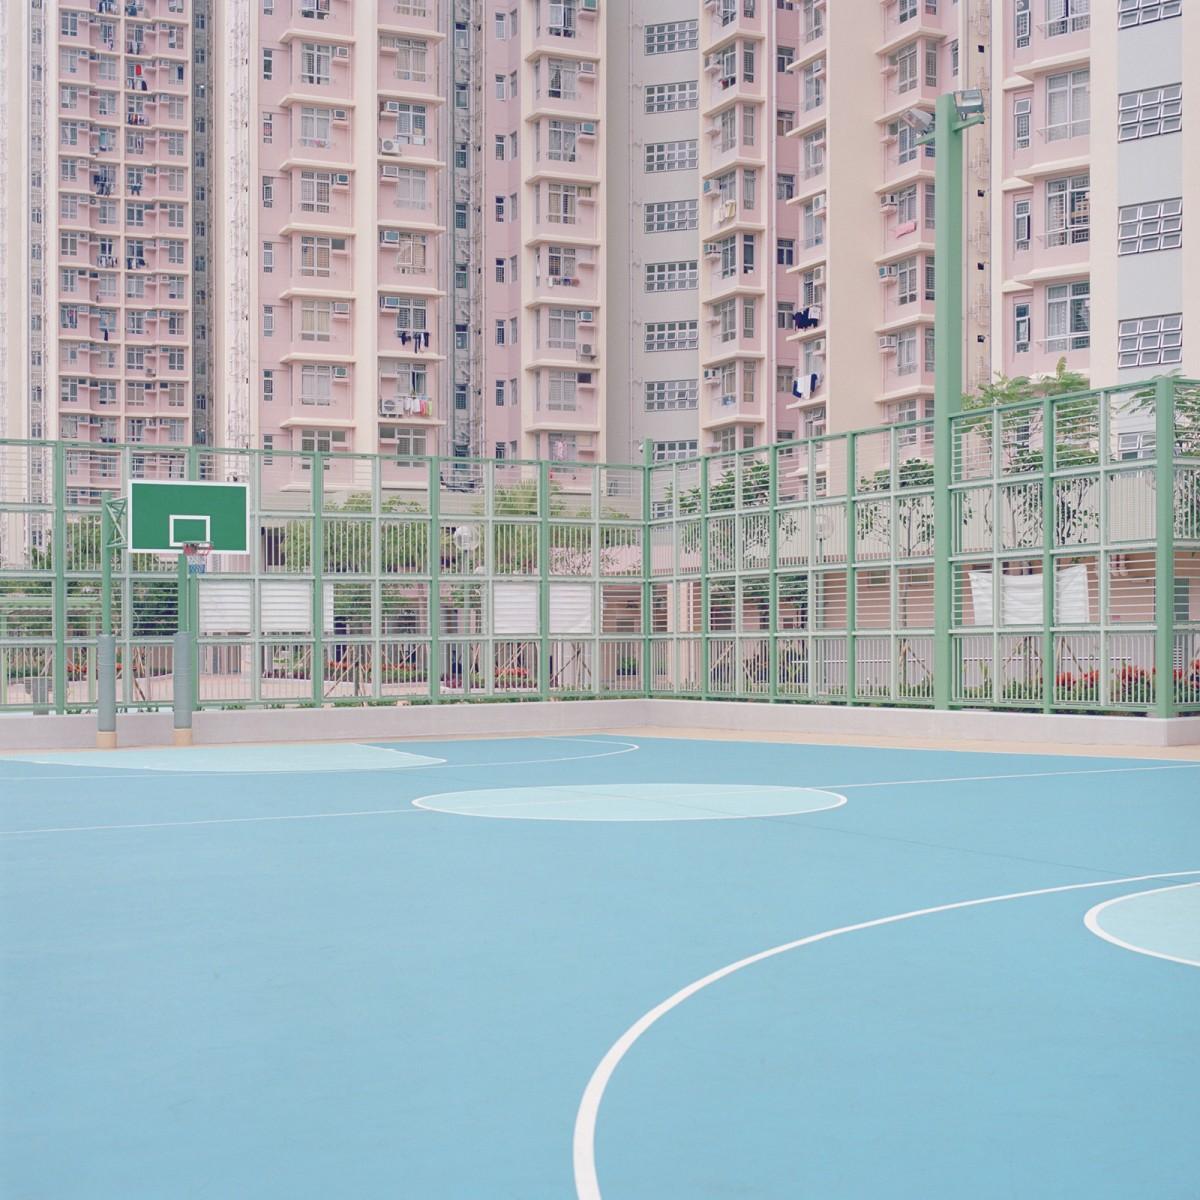 archaic_WardRoberts_Courts_5.jpg